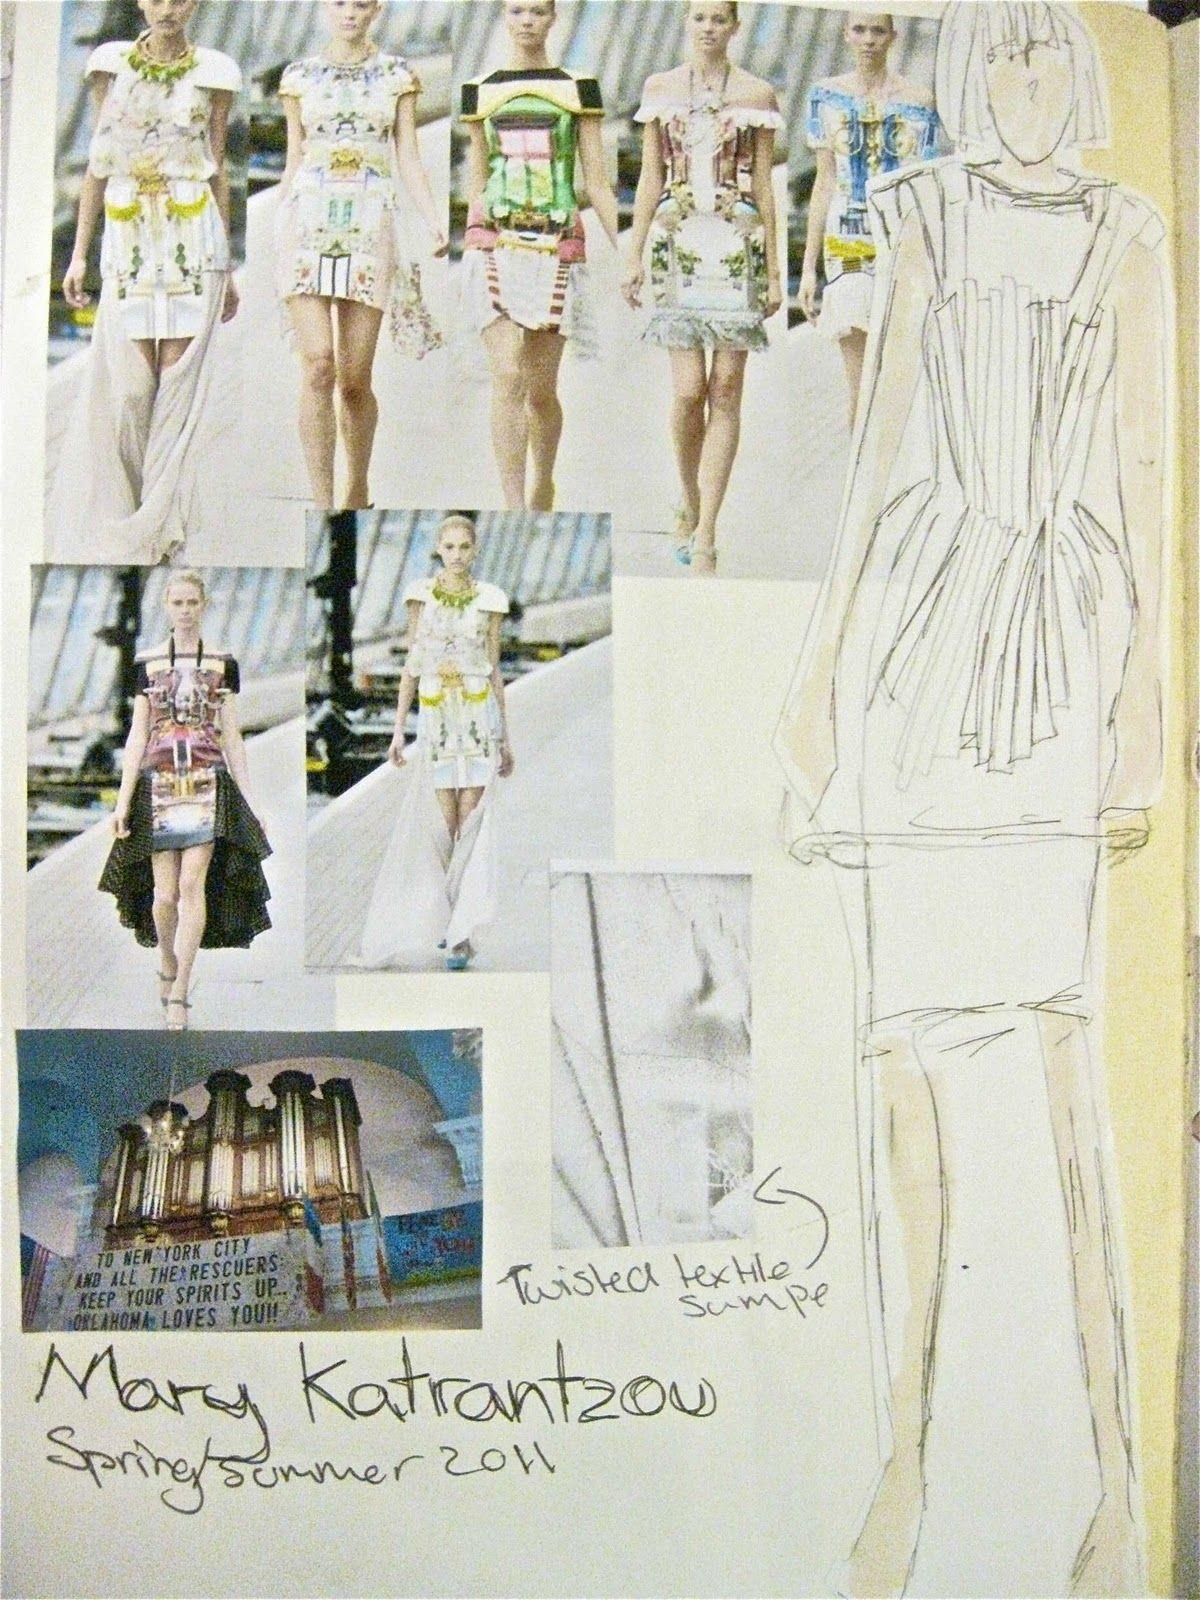 Fashion Design Explore Research A Fashion Design Design Fashion